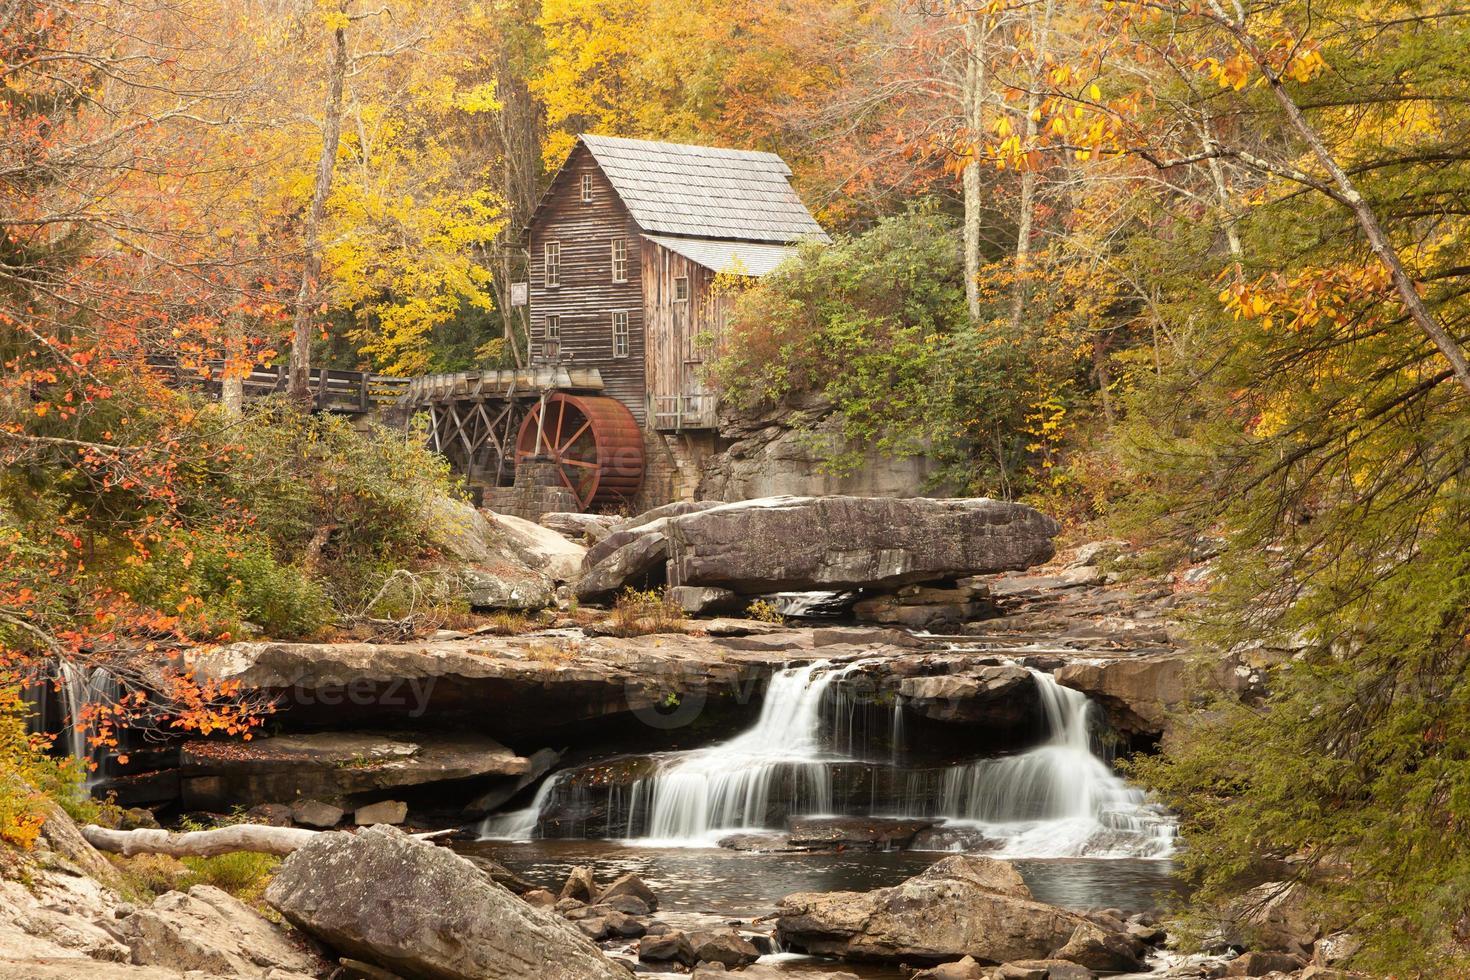 molino de molienda de campo en el otoño foto